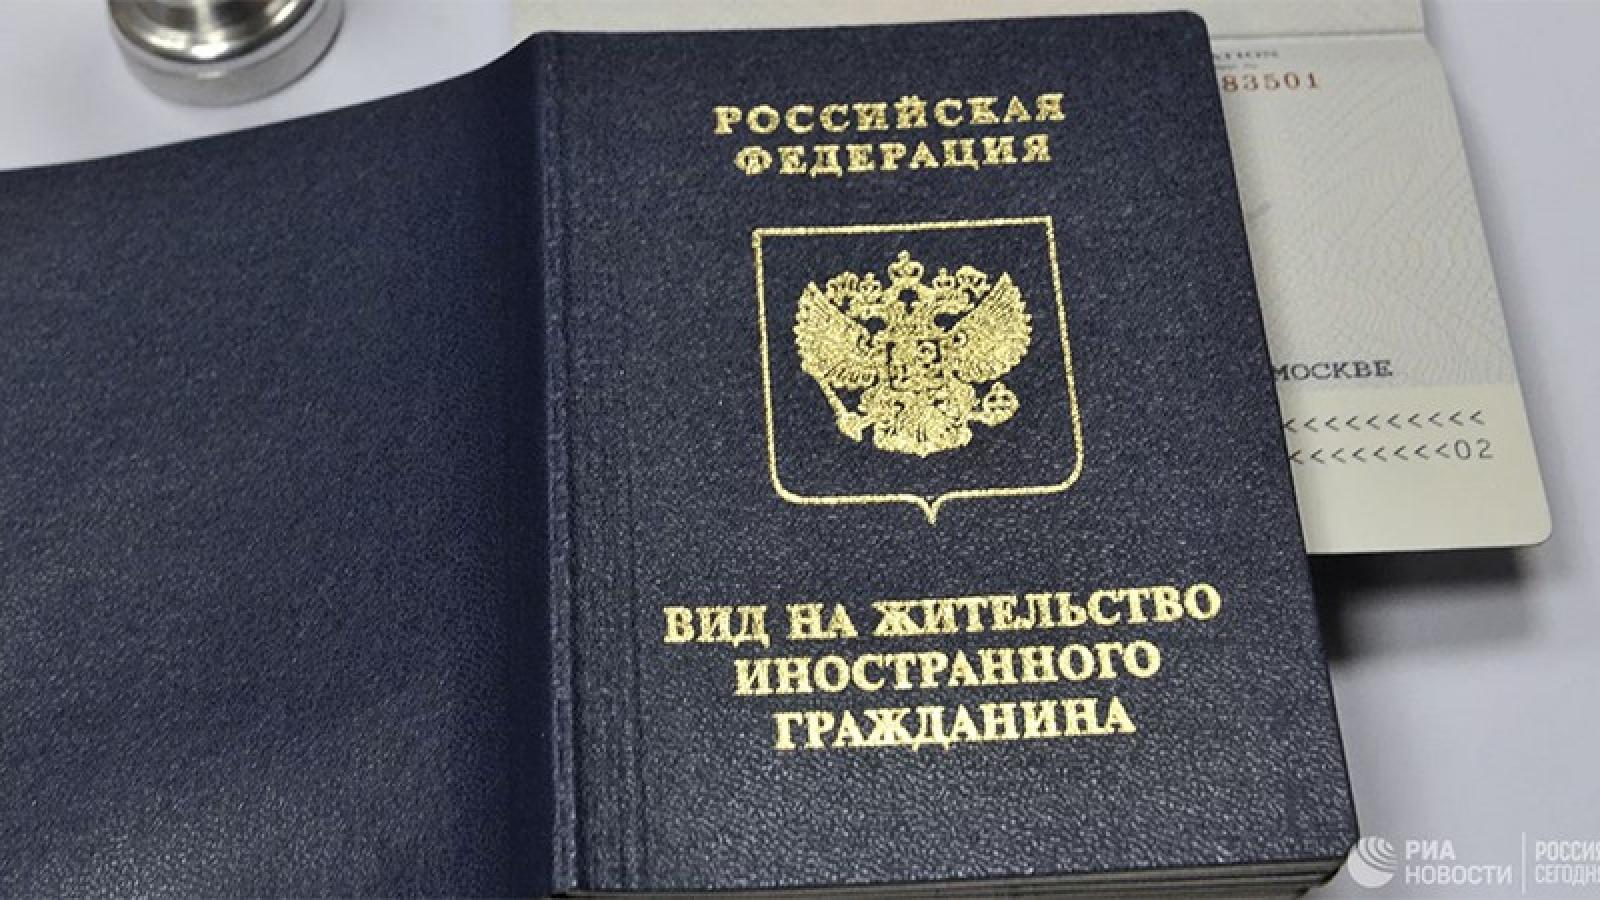 Người nước ngoài sẽ không bị trục xuất khỏi Nga cho đến ngày 15/6